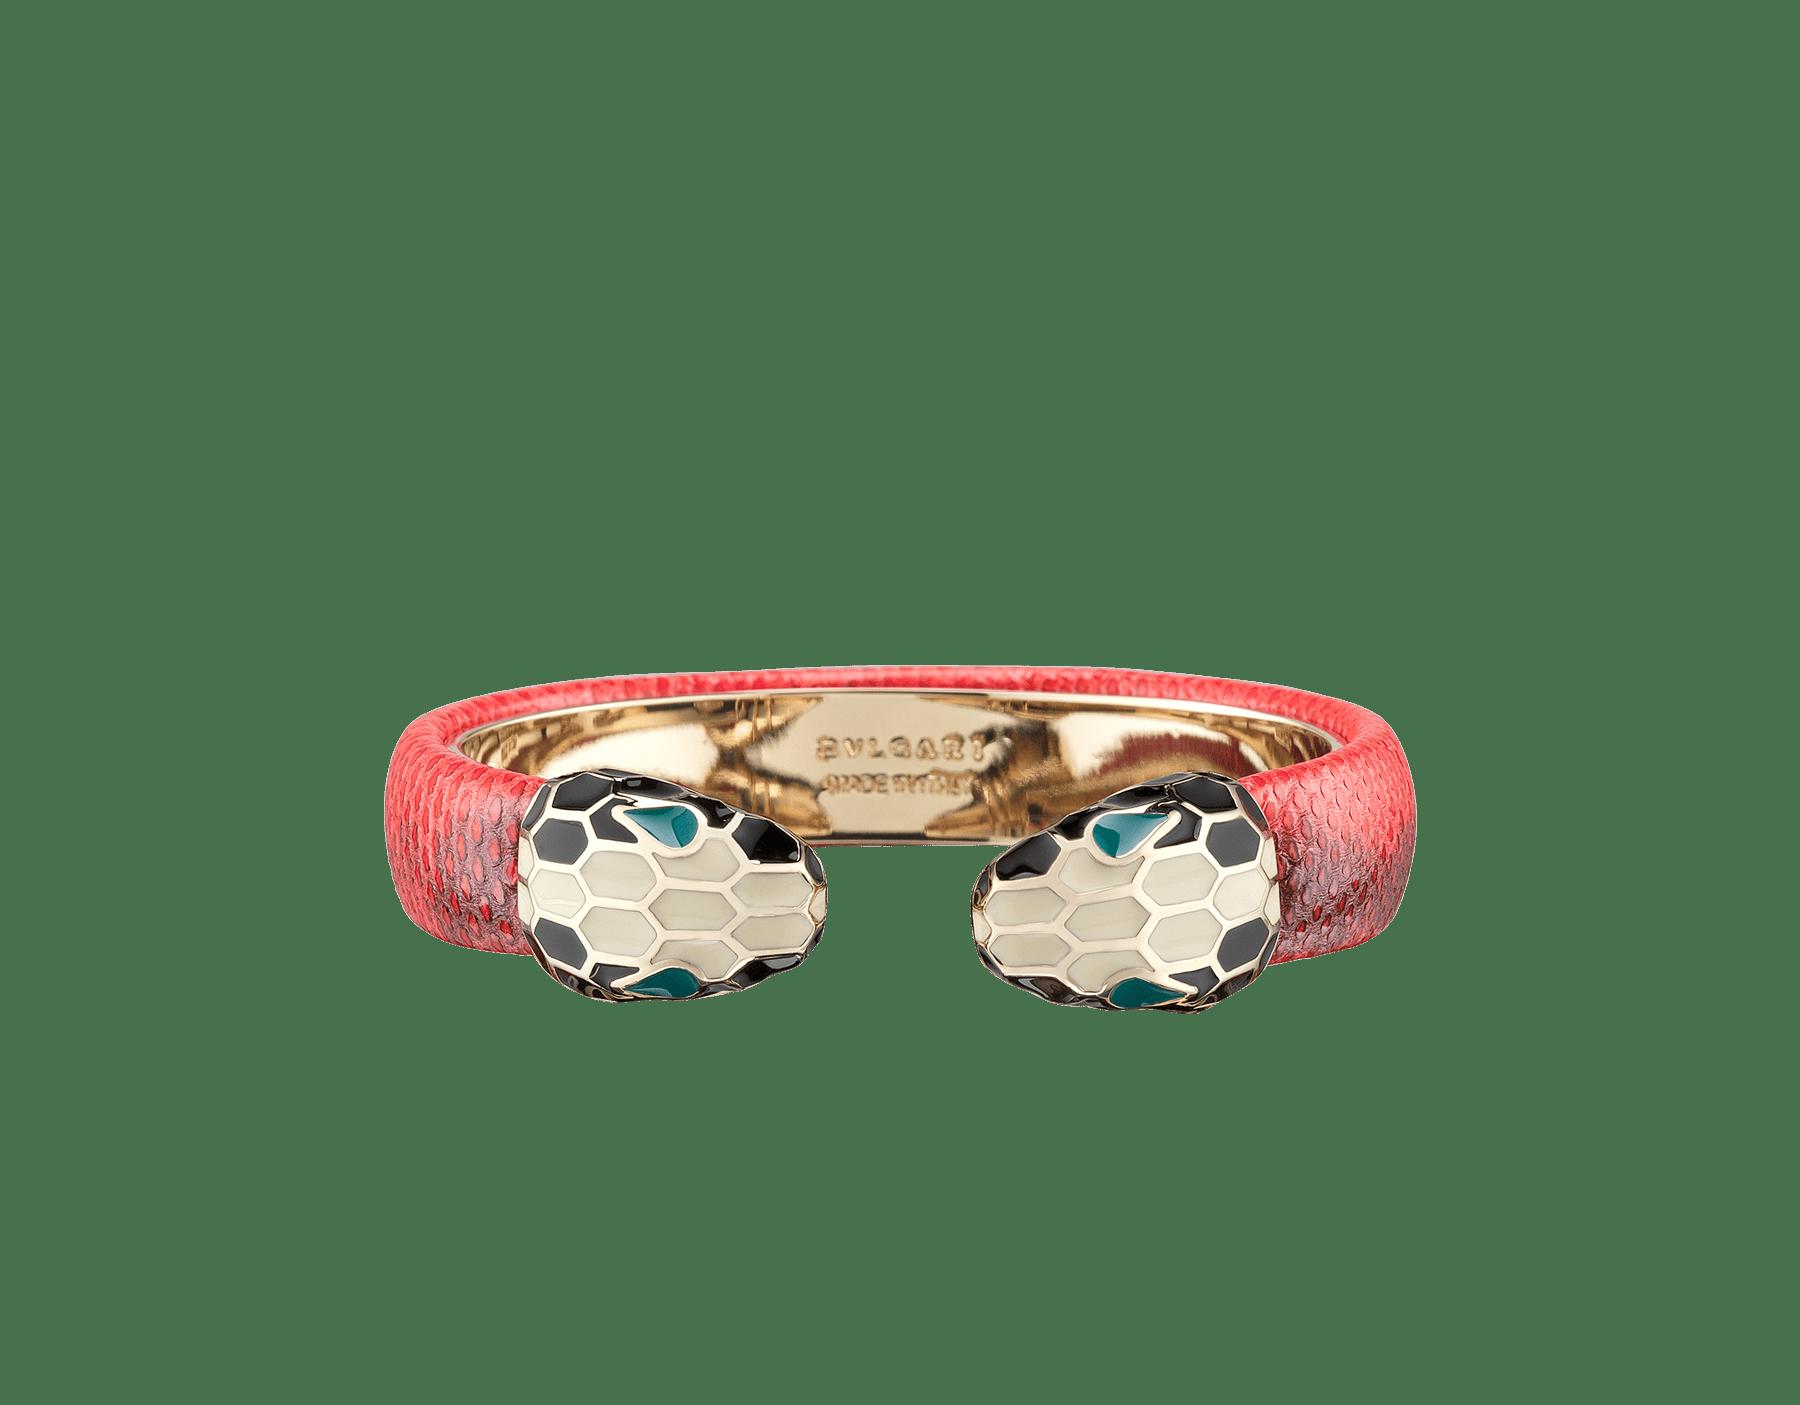 Bracelete Serpenti Forever em couro karung coral-estrela-do-mar brilhante com detalhes em metal banhado a ouro claro. Icônica decoração de cabeças de serpente opostas em esmalte preto e branco com olhos em esmalte verde. 288372 image 1